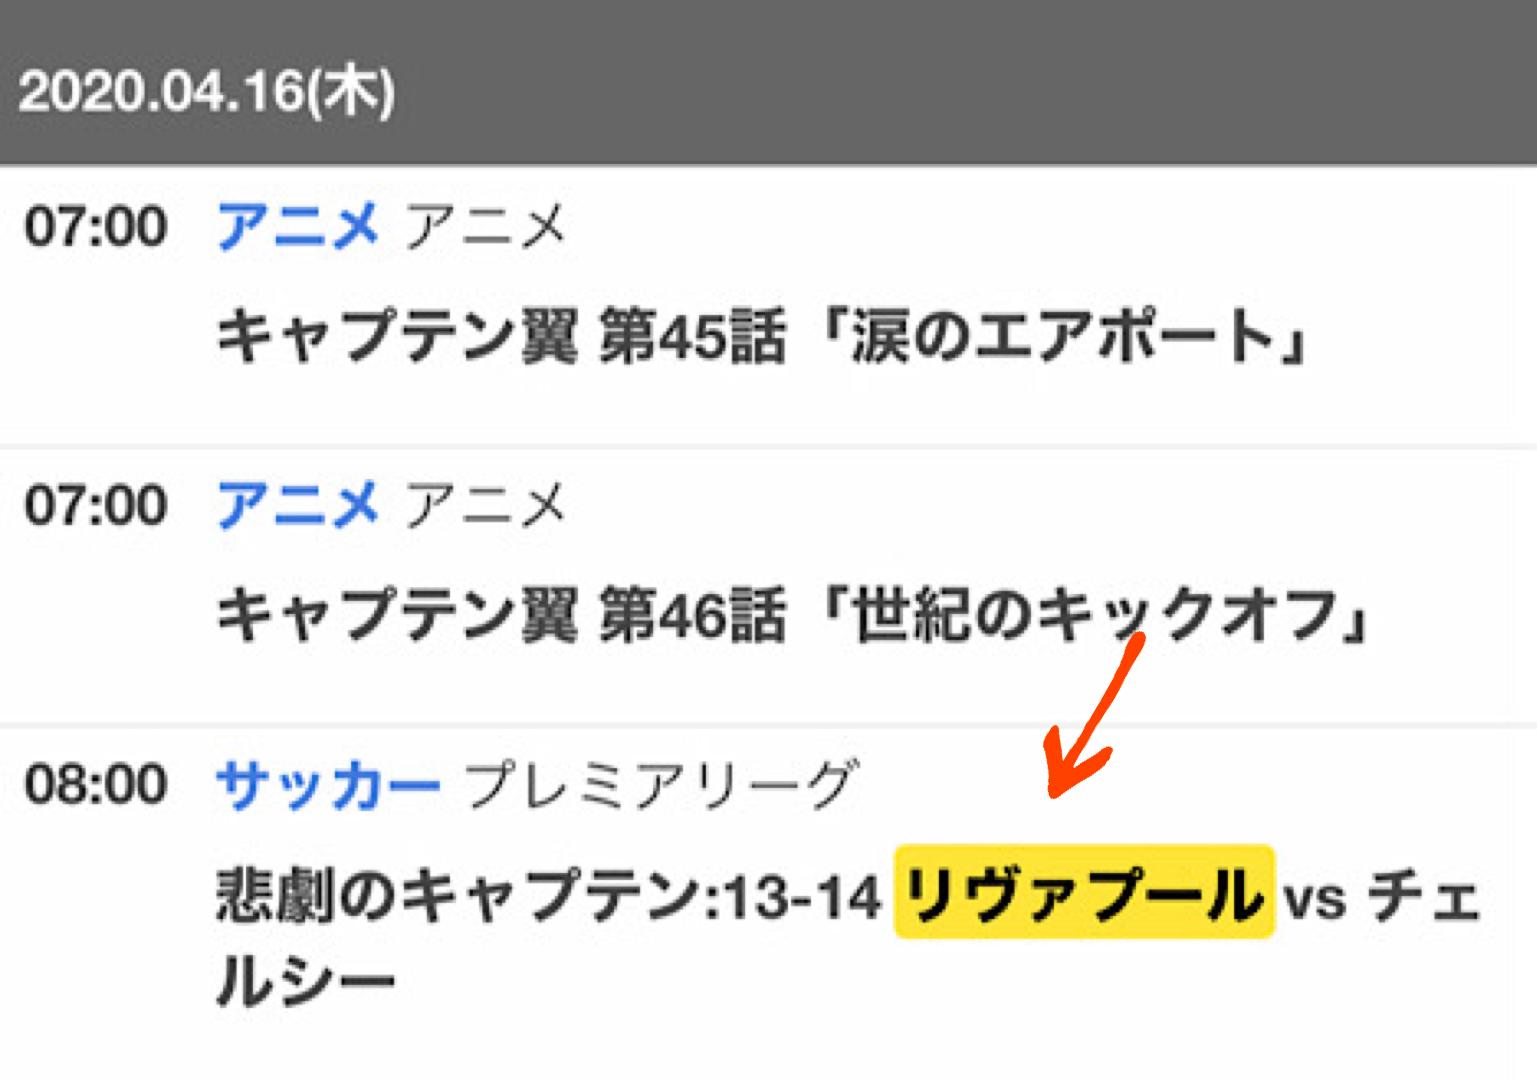 ステップ④:検索した語句が表示される説明画像